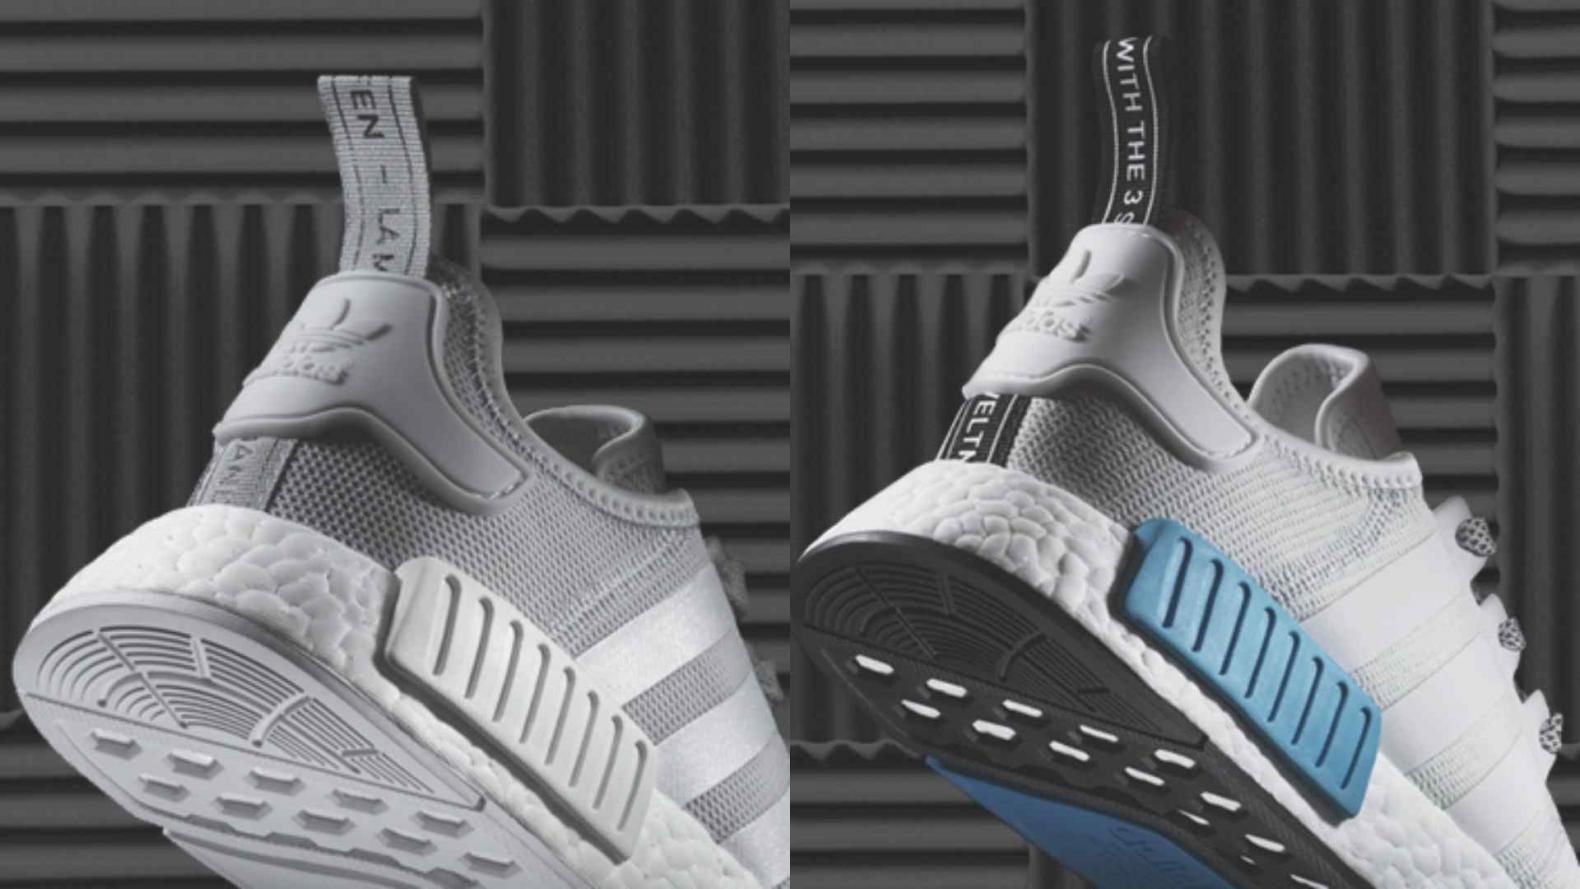 zapatillas de adidas nuevas